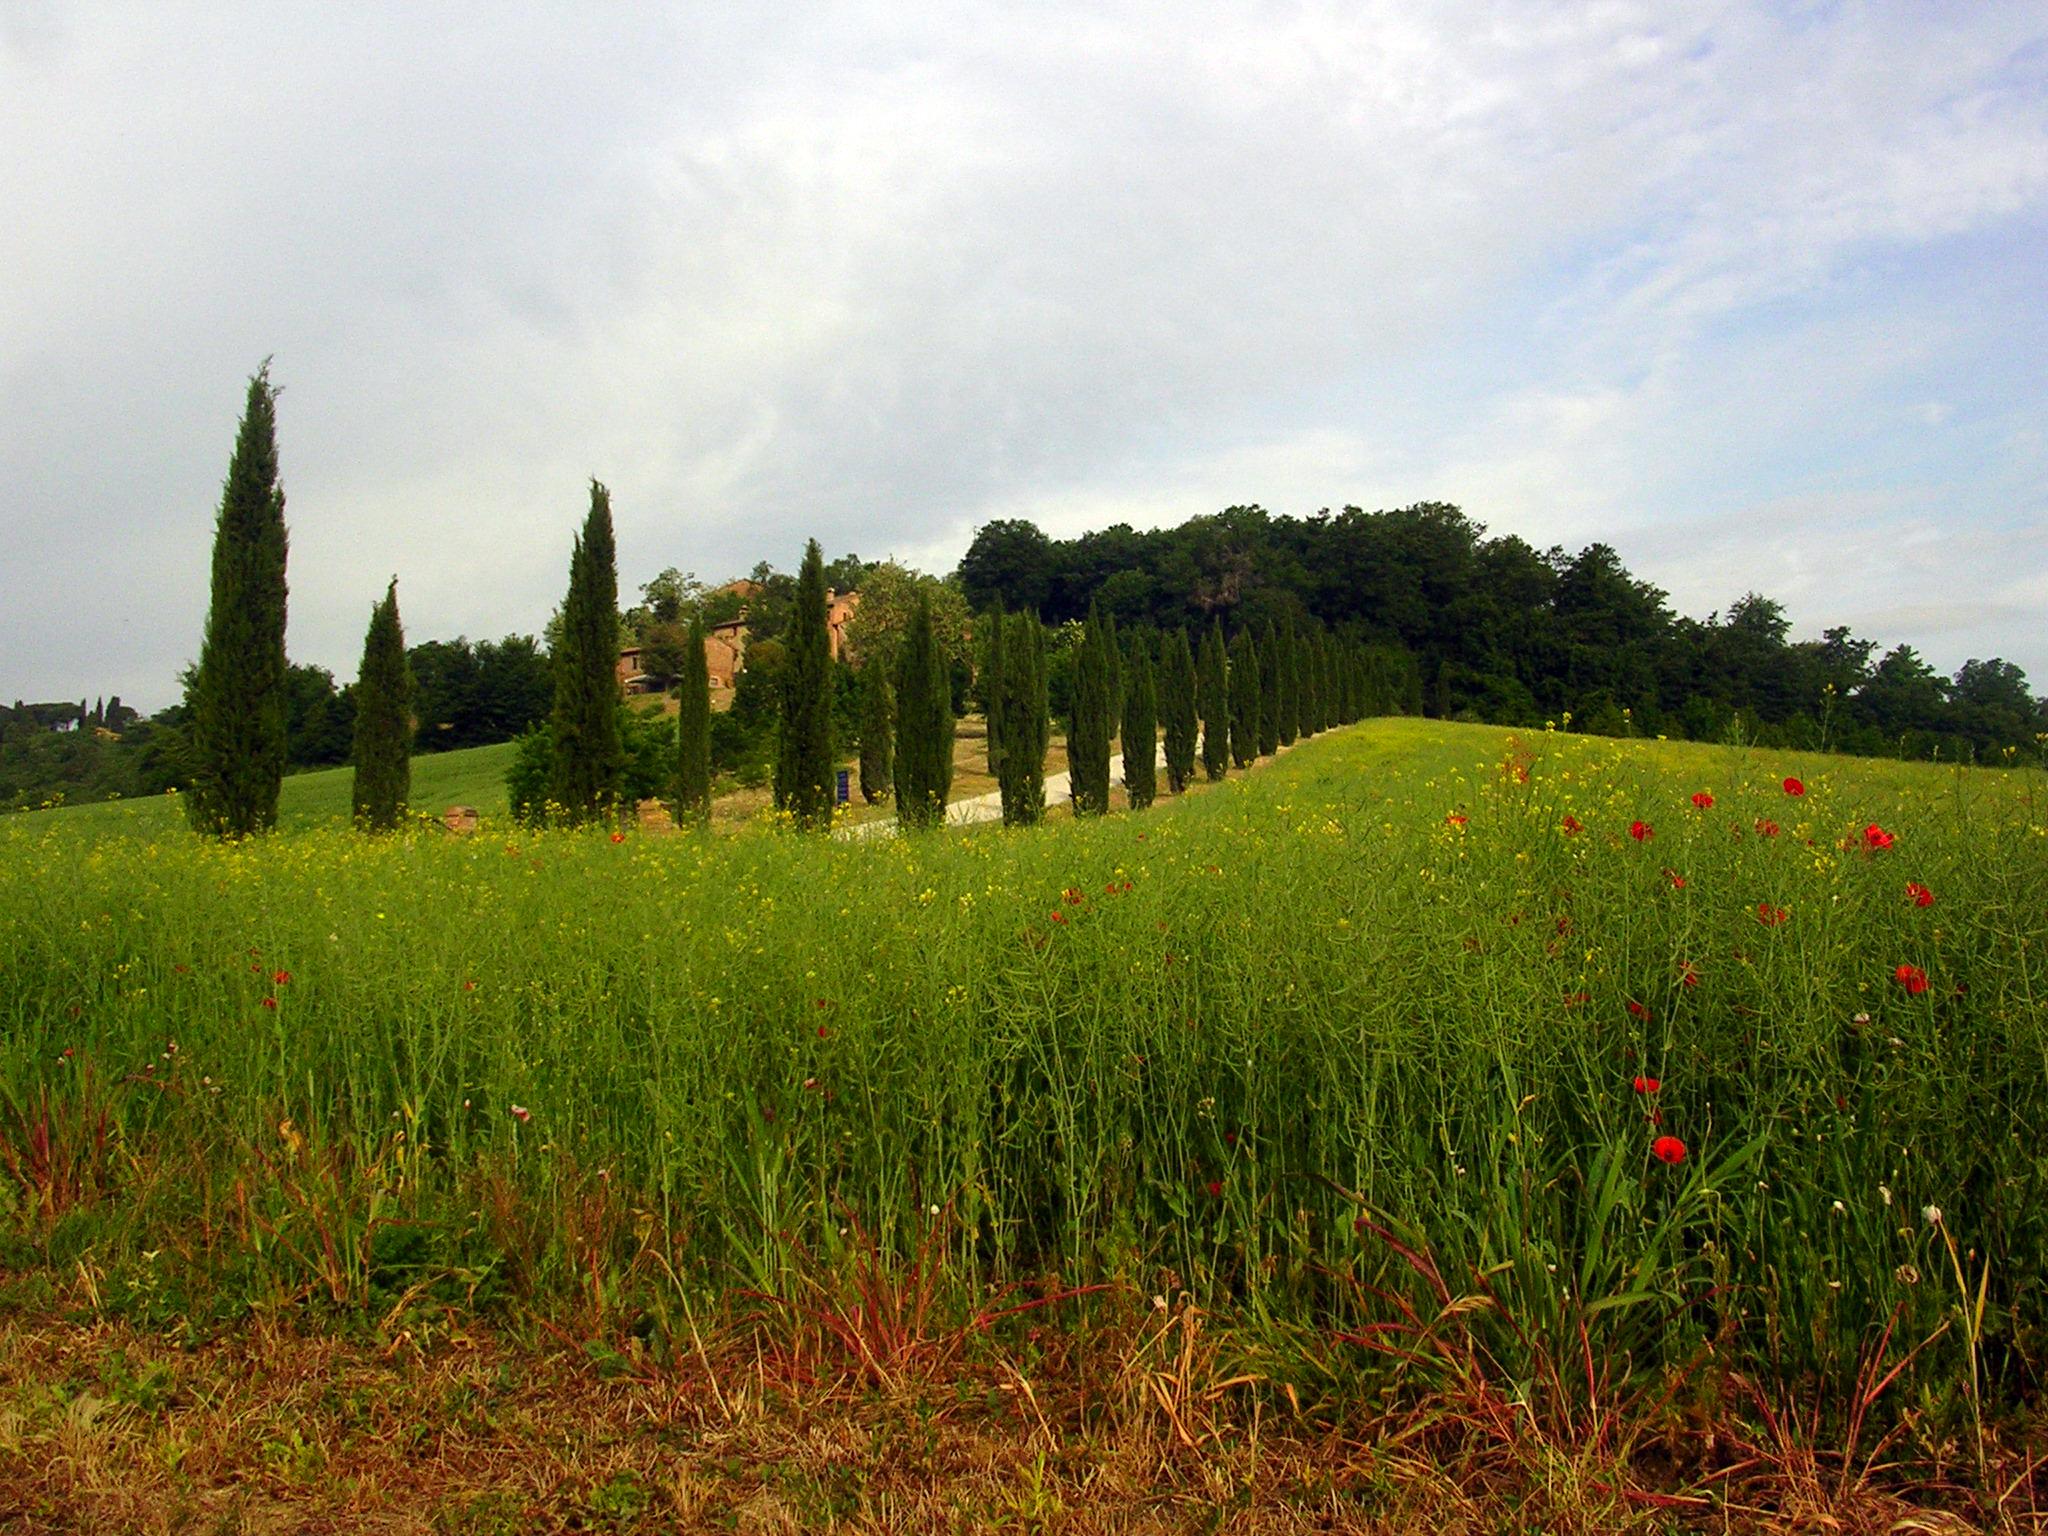 Poppies blooming by the cypress Siliano Alto EAT.PRAY.MOVE Yoga Retreats | Tuscany, Italy